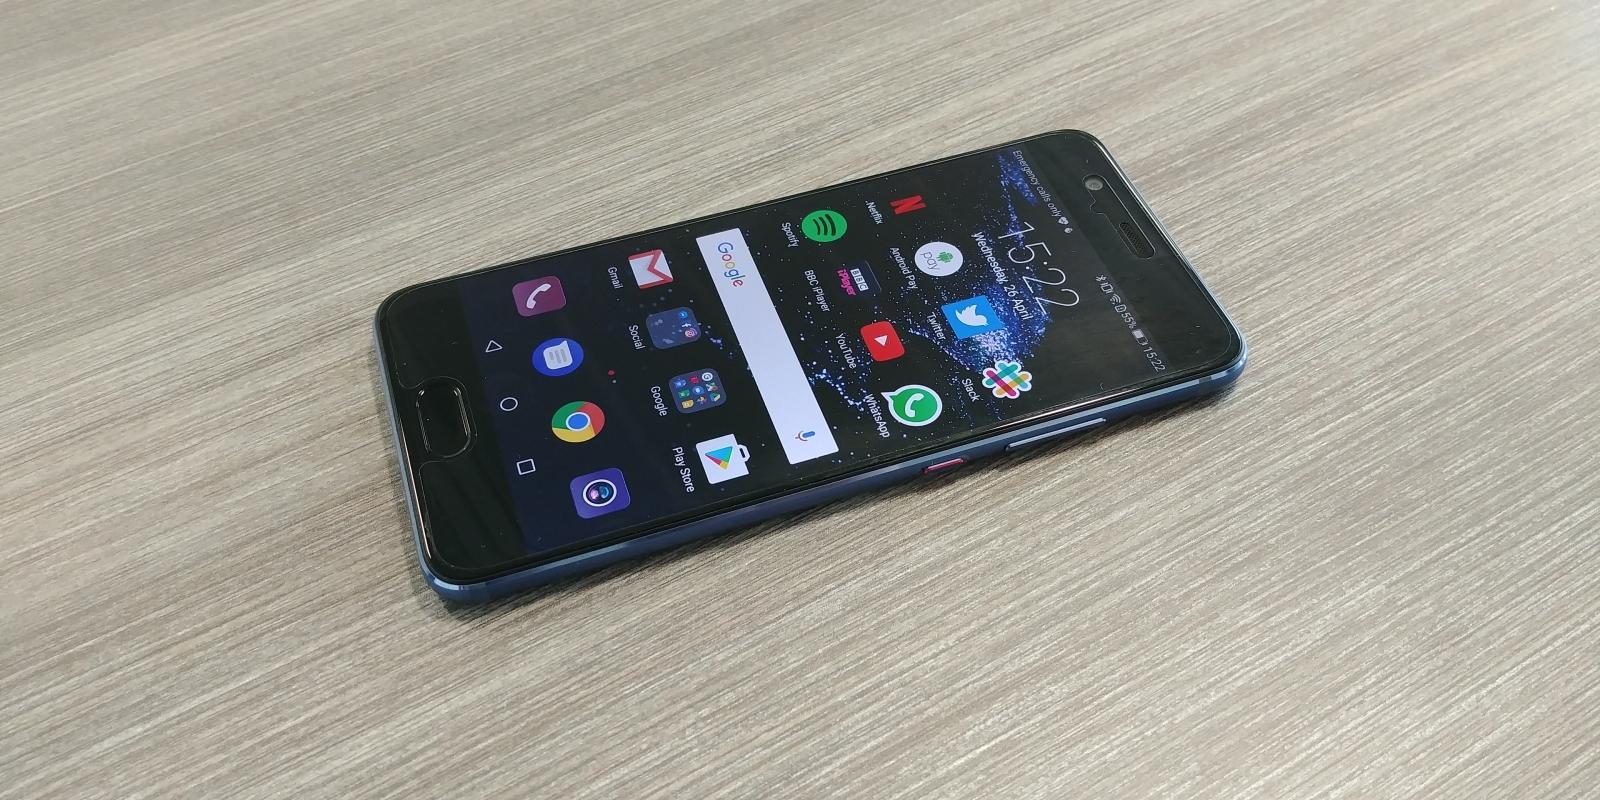 Huawei P10 review 1